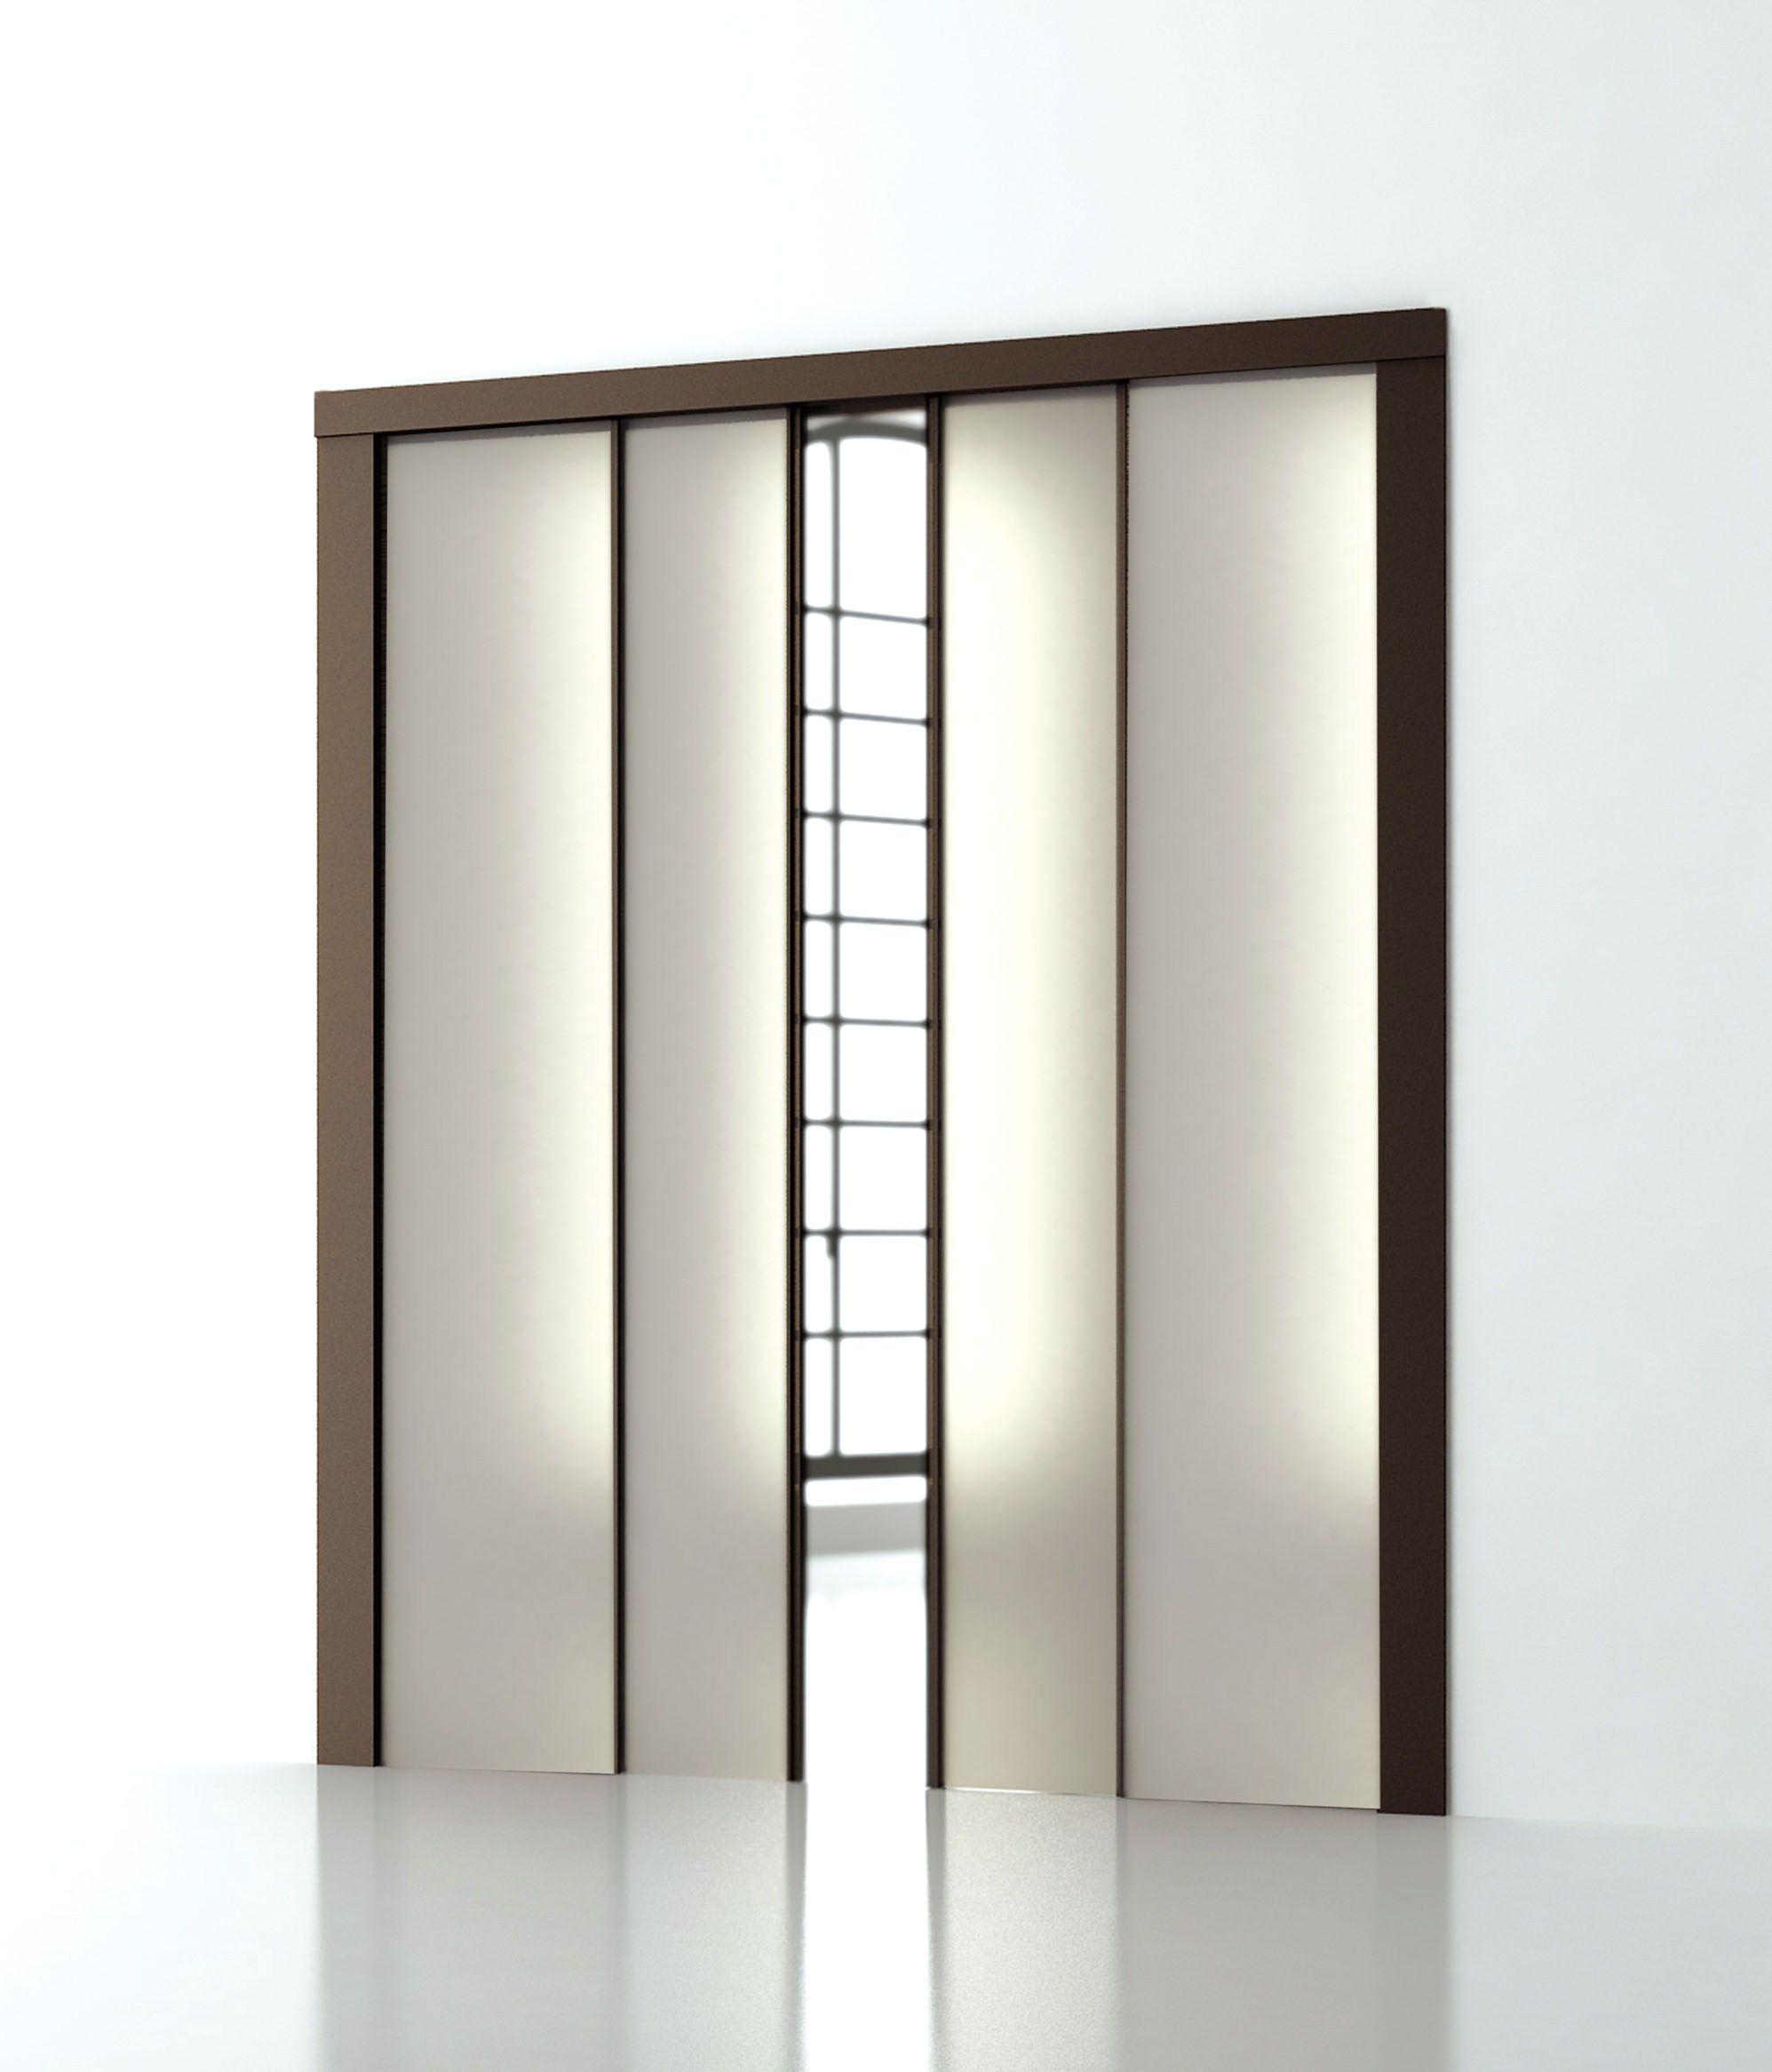 contre ch ssis pour porte t lescopique surprise by scrigno. Black Bedroom Furniture Sets. Home Design Ideas